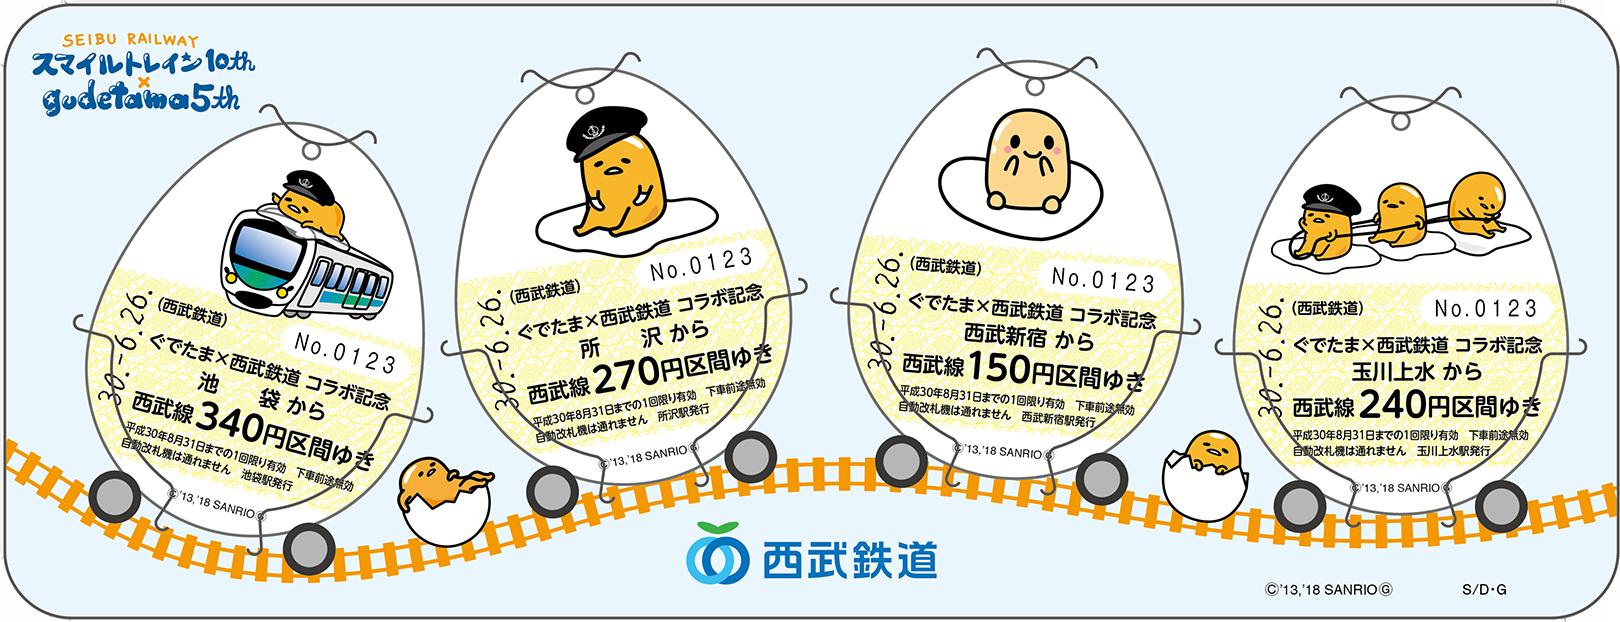 たまご型の乗車券のイメージ画像